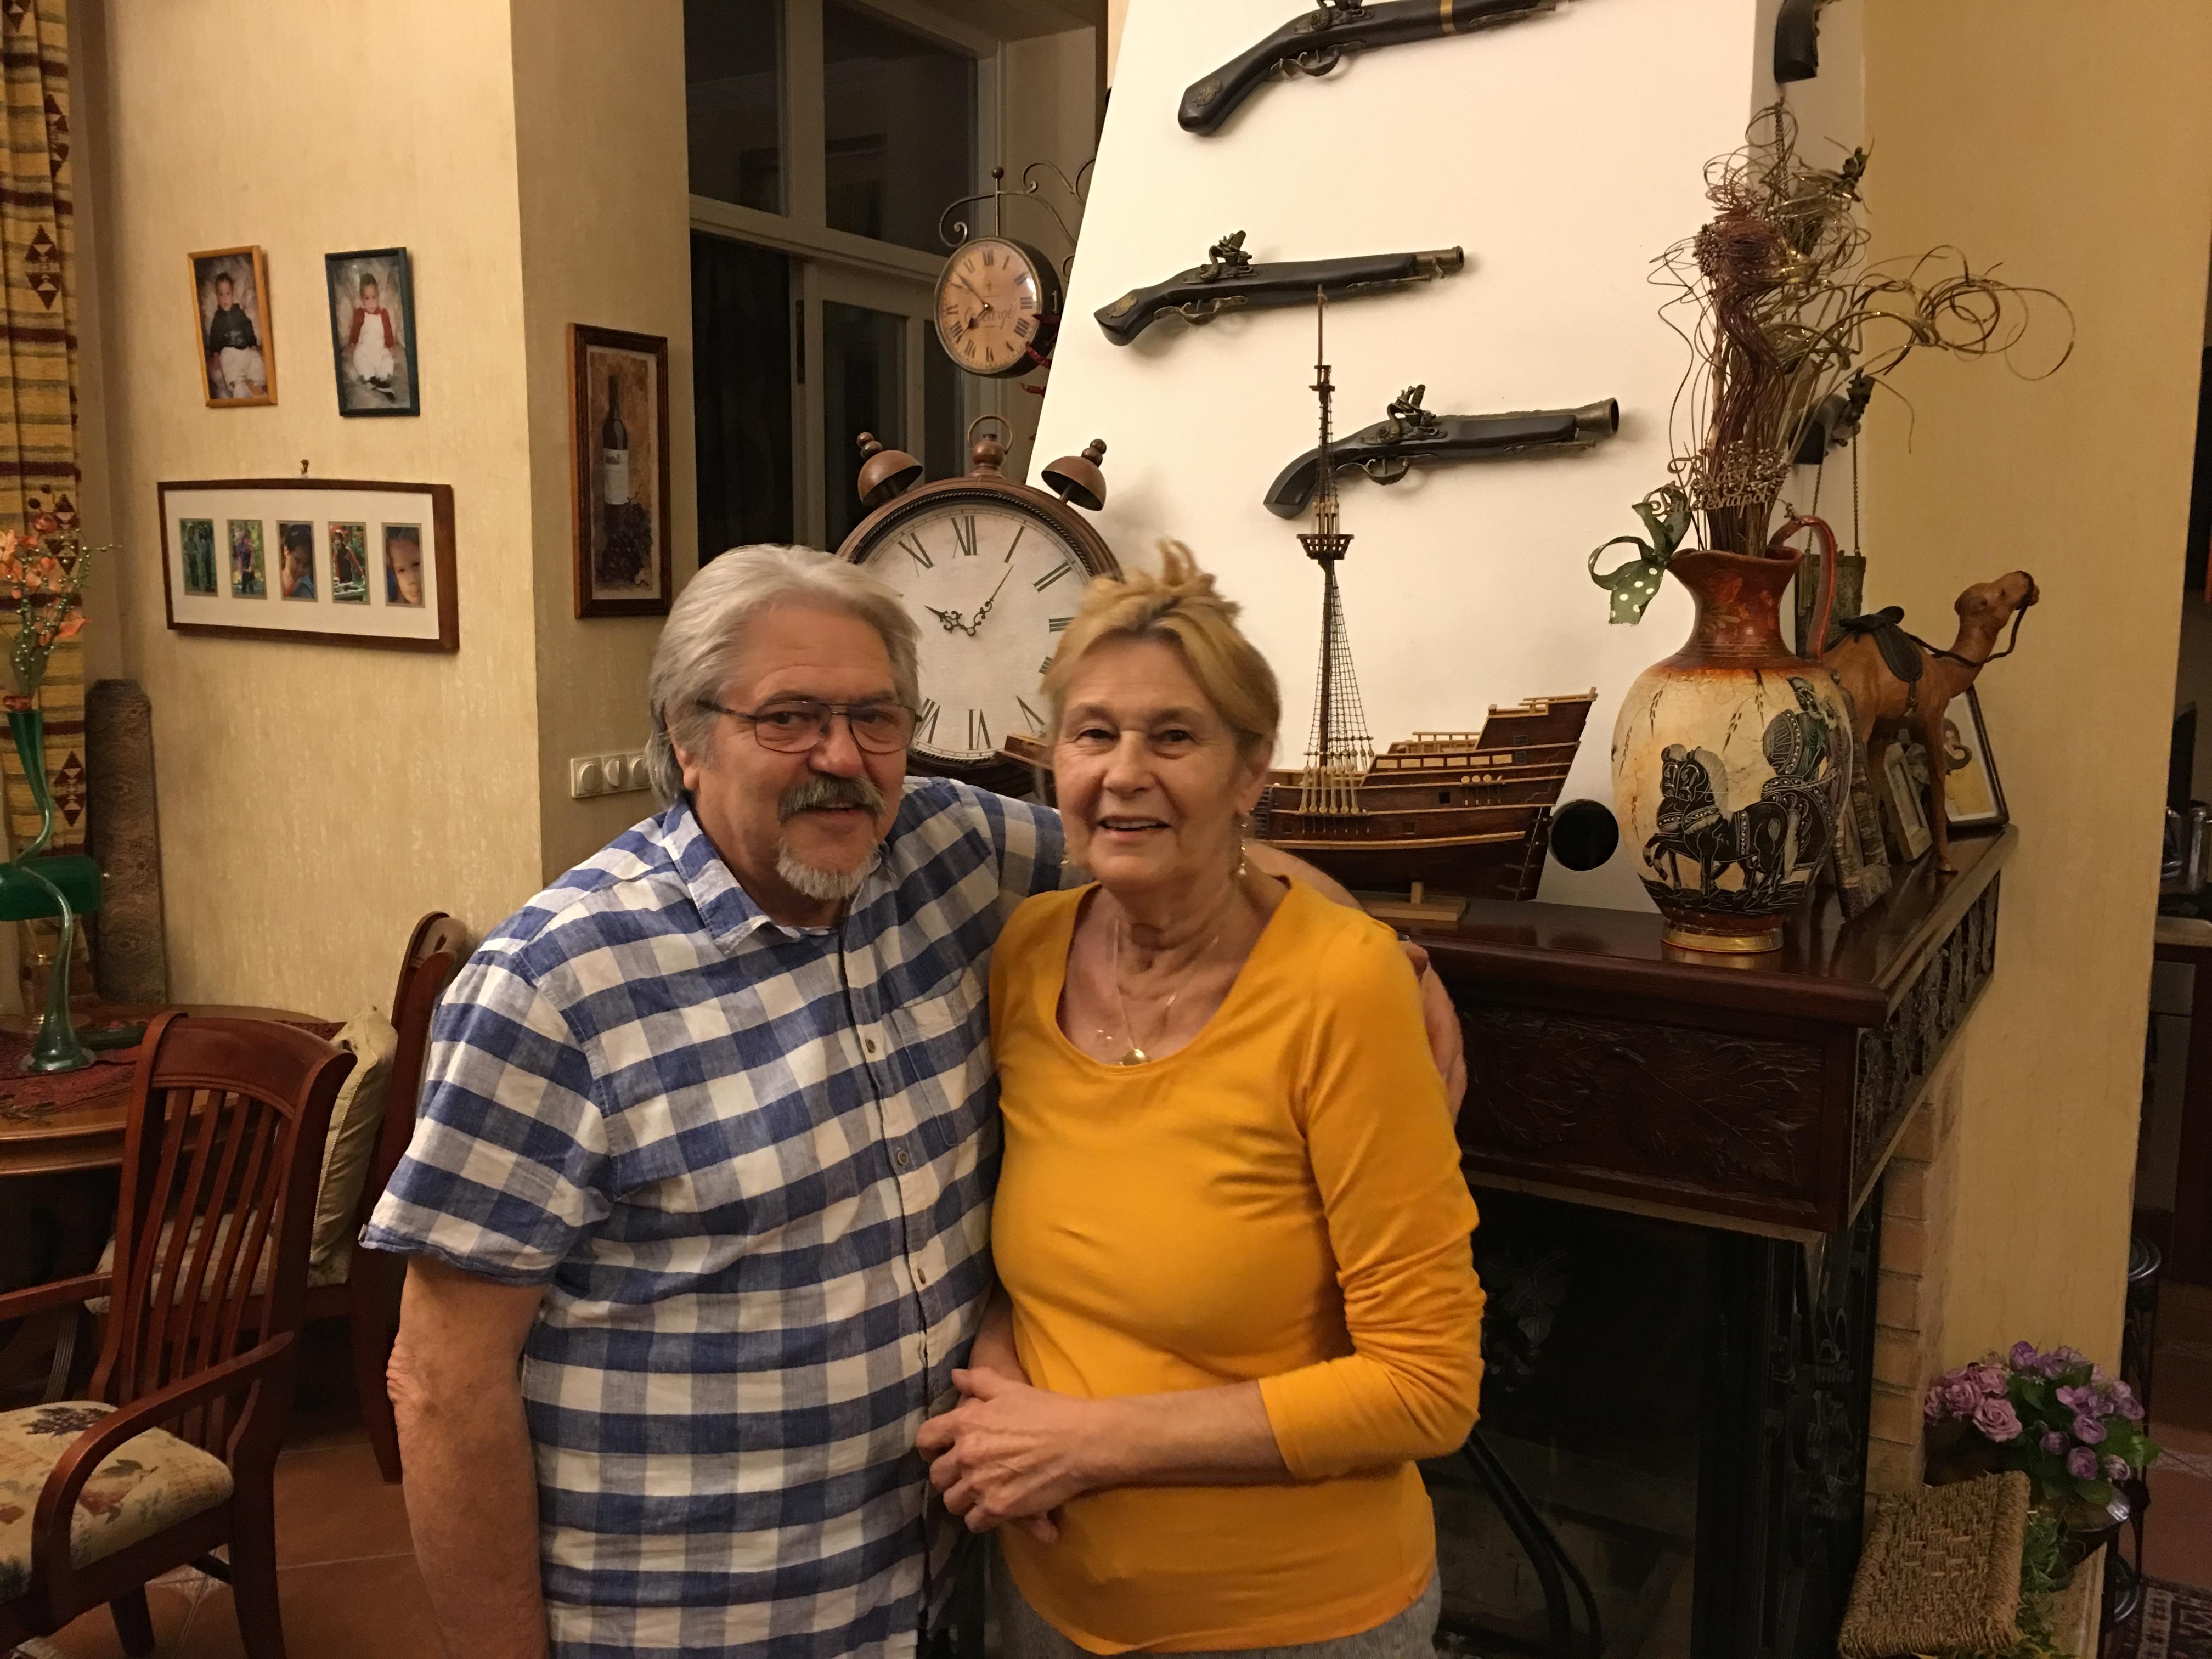 Megtanult együtt élni a daganattal: Györgyi története